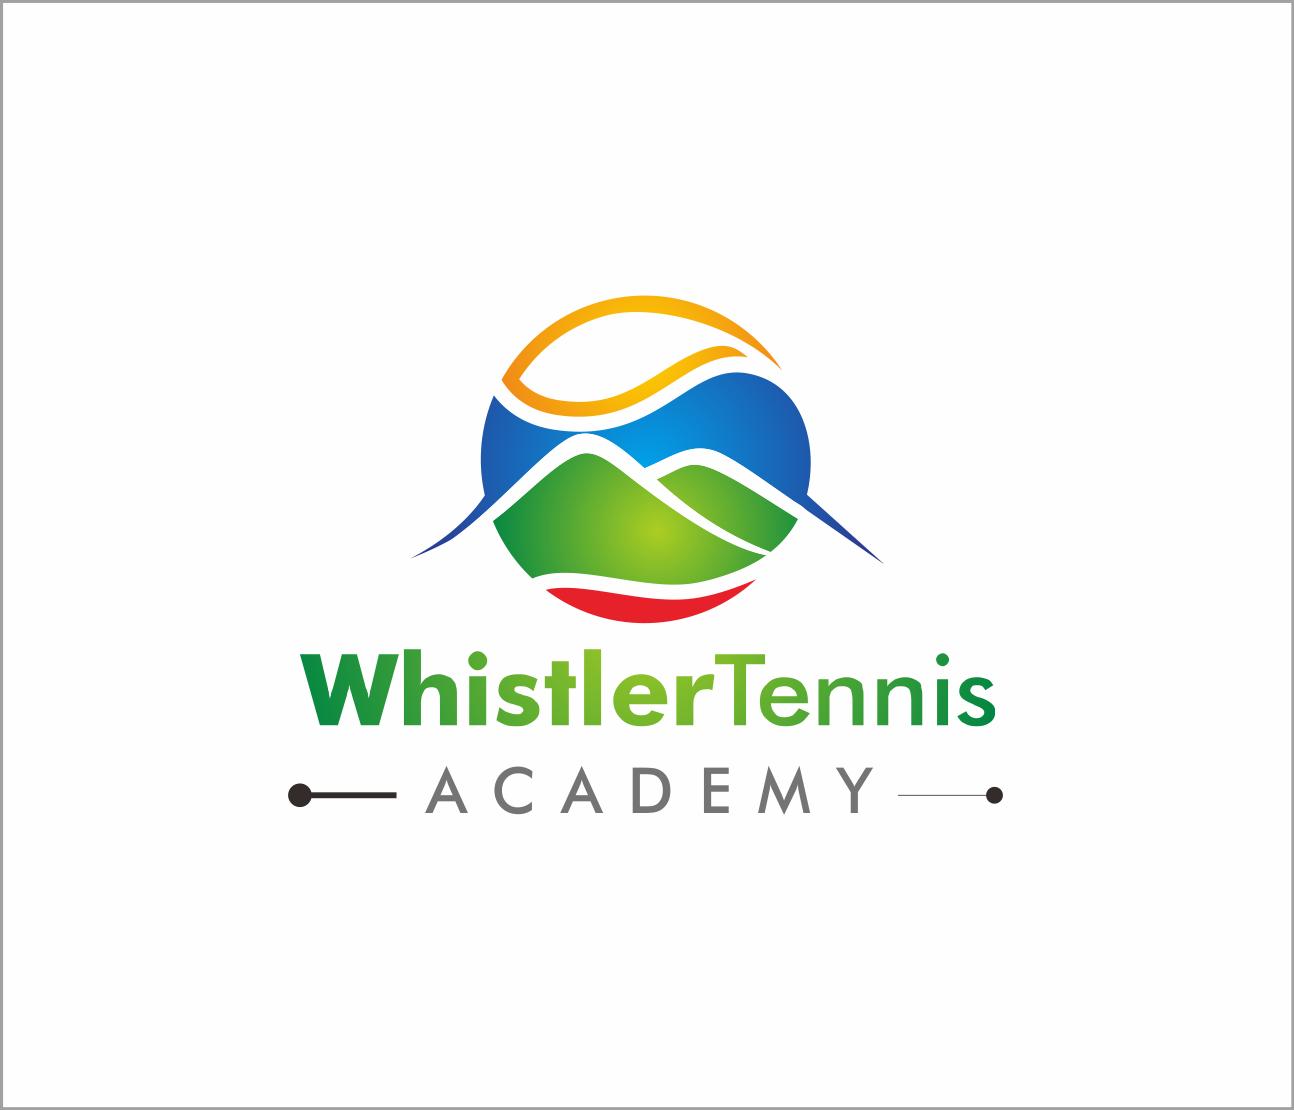 Logo Design by Armada Jamaluddin - Entry No. 196 in the Logo Design Contest Imaginative Logo Design for Whistler Tennis Academy.